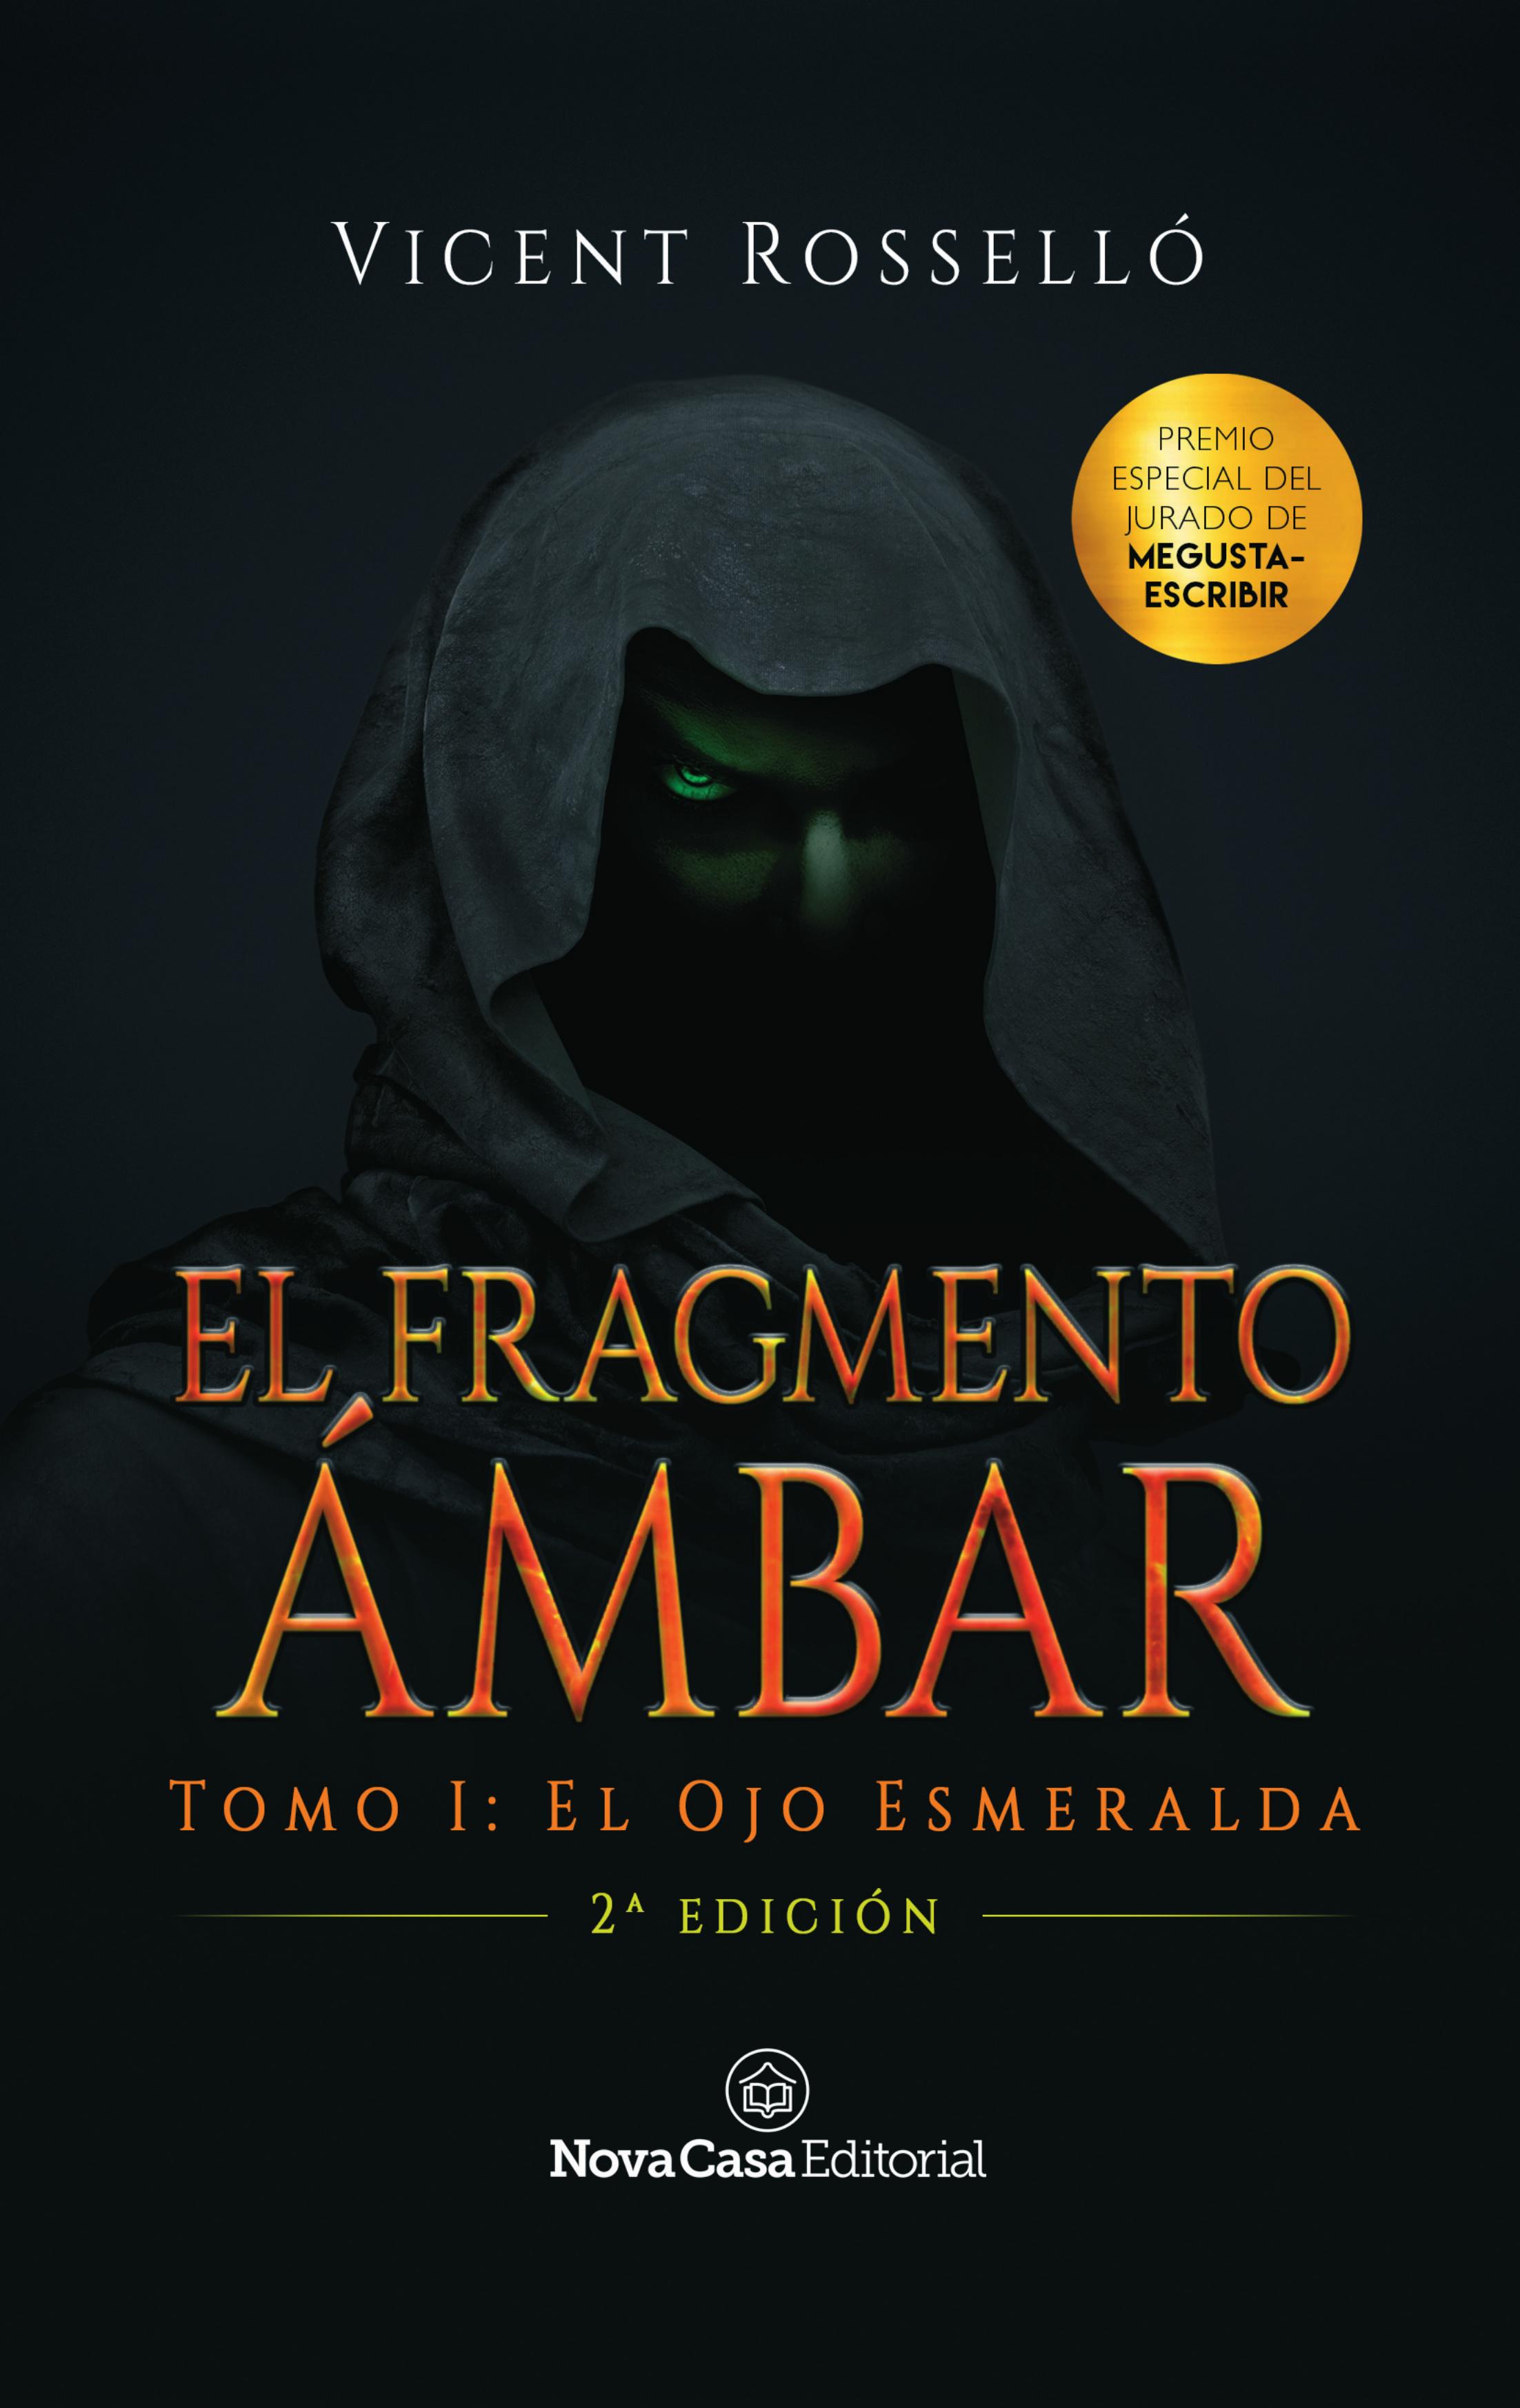 Vicent Rosselló El Fragmento Ámbar tomo 1: El Ojo Esmeralda sangre en el ojo